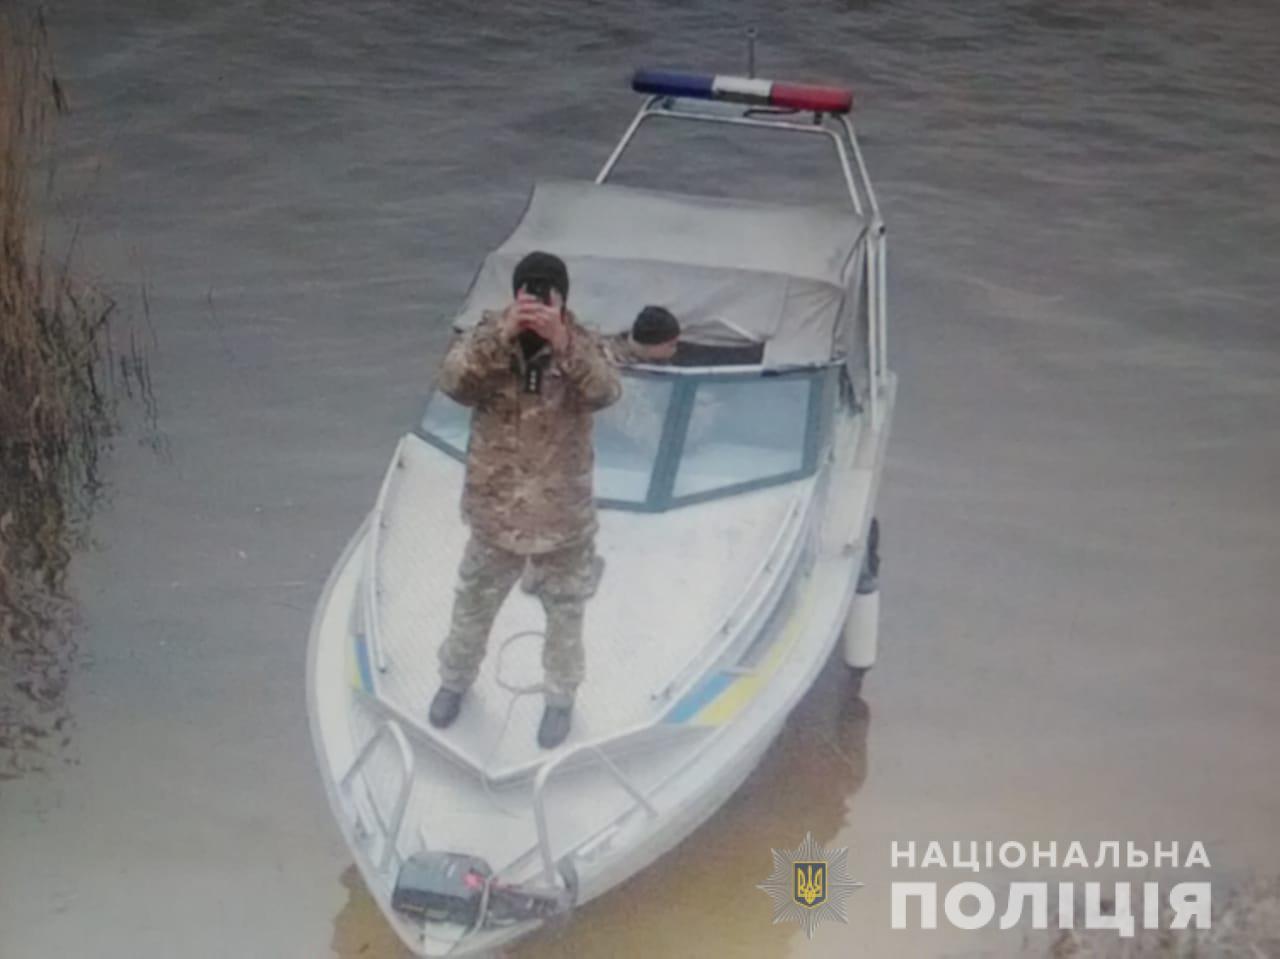 олиция Киевской области совместно с коллегами Черниговской области принимают все необходимые меры